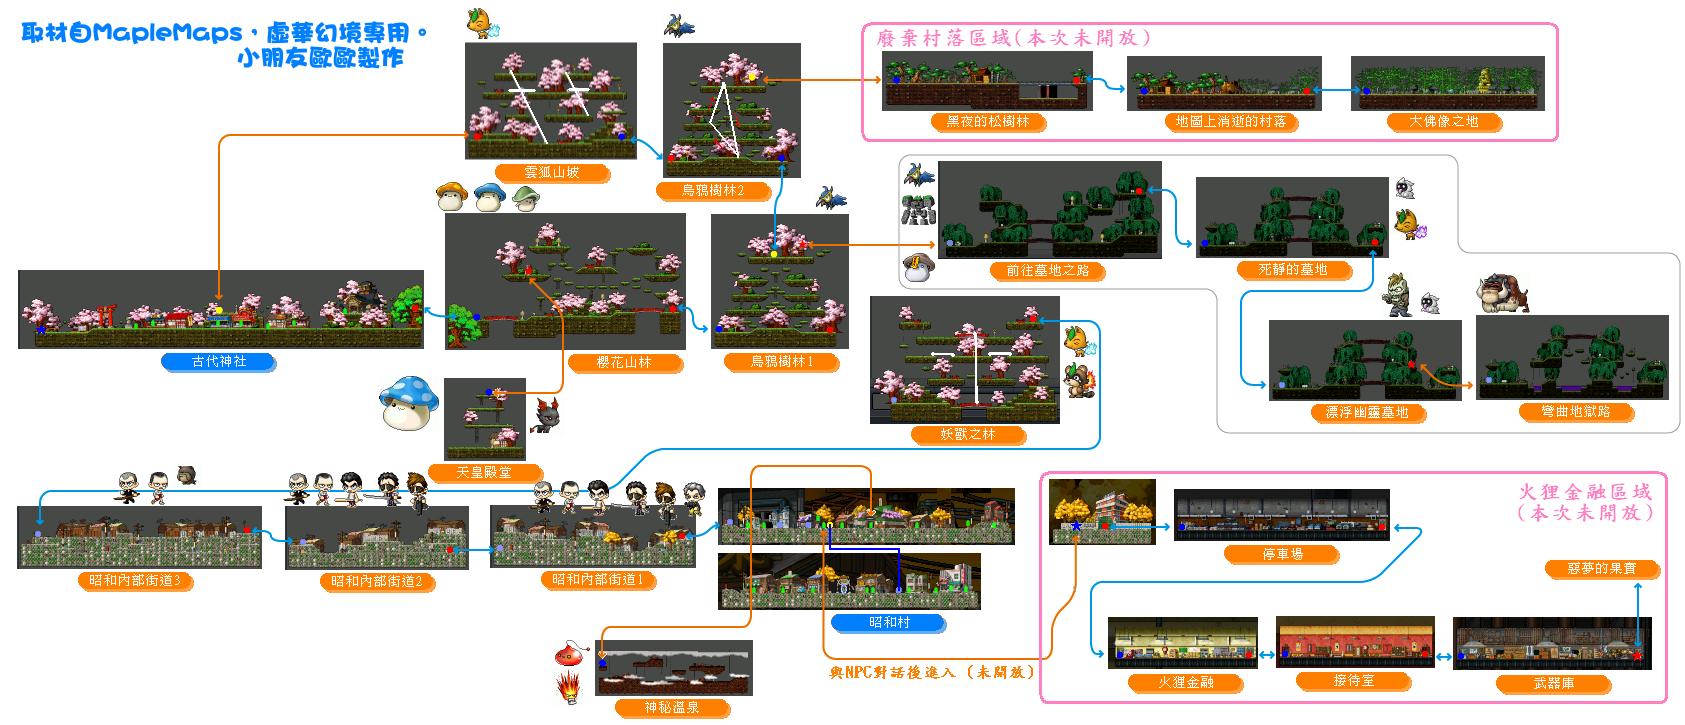 日本神社地图(来自 虚华幻境)-冒险岛综合讨论区